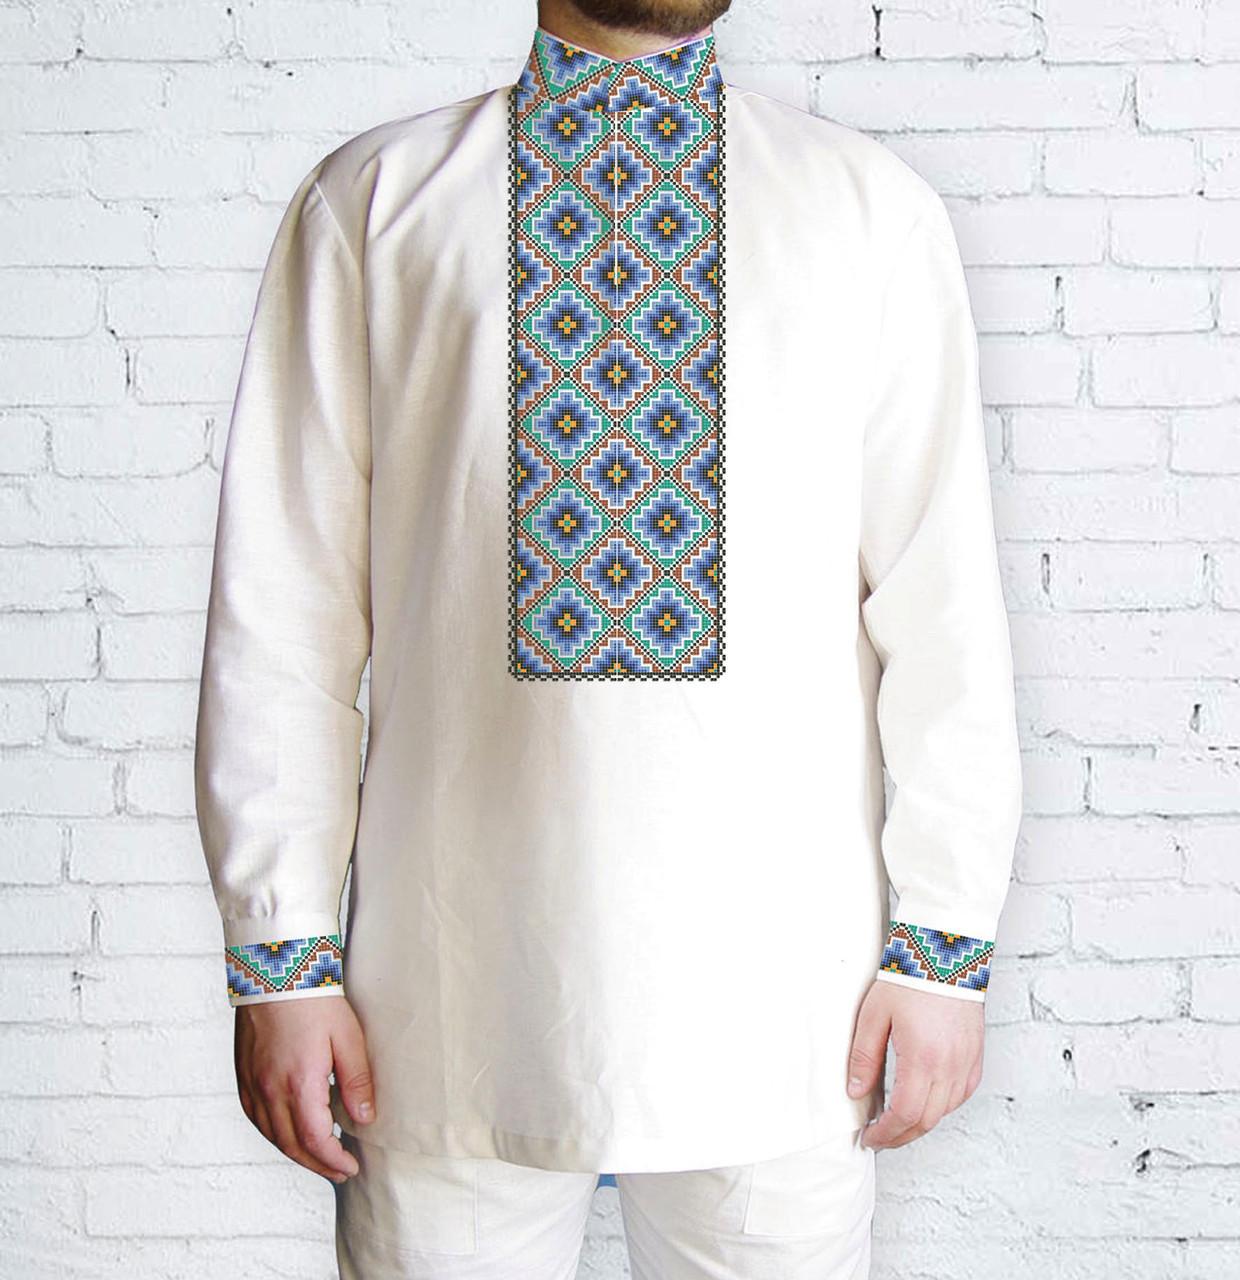 Заготовка мужской рубашки / вышиванки / сорочки для вышивки / вышивания бисером или нитками «3D»